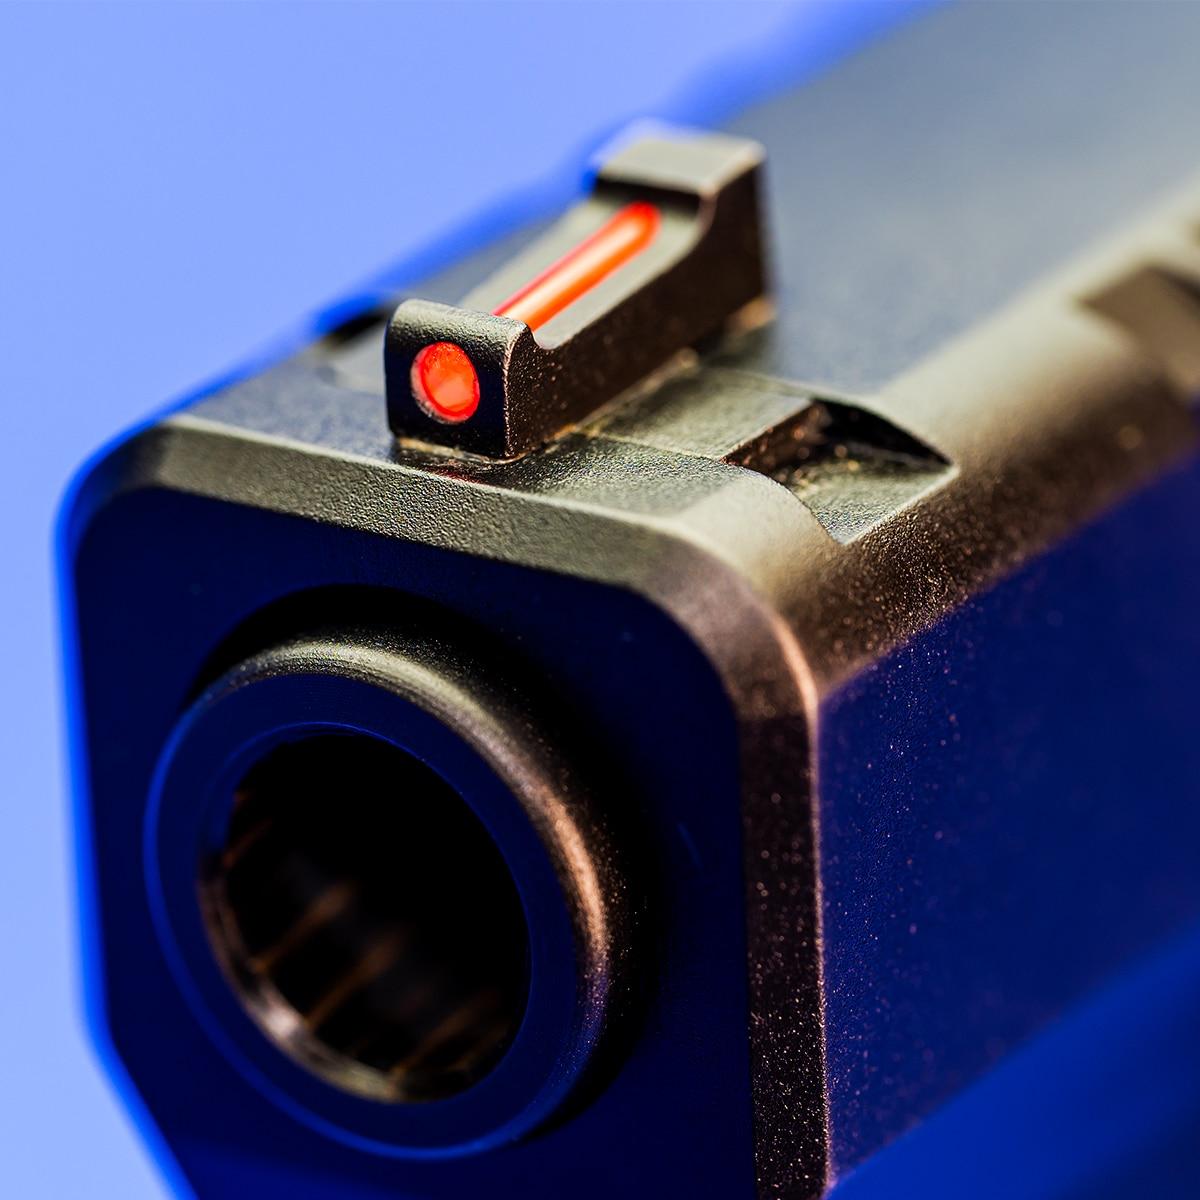 XD-E front sight